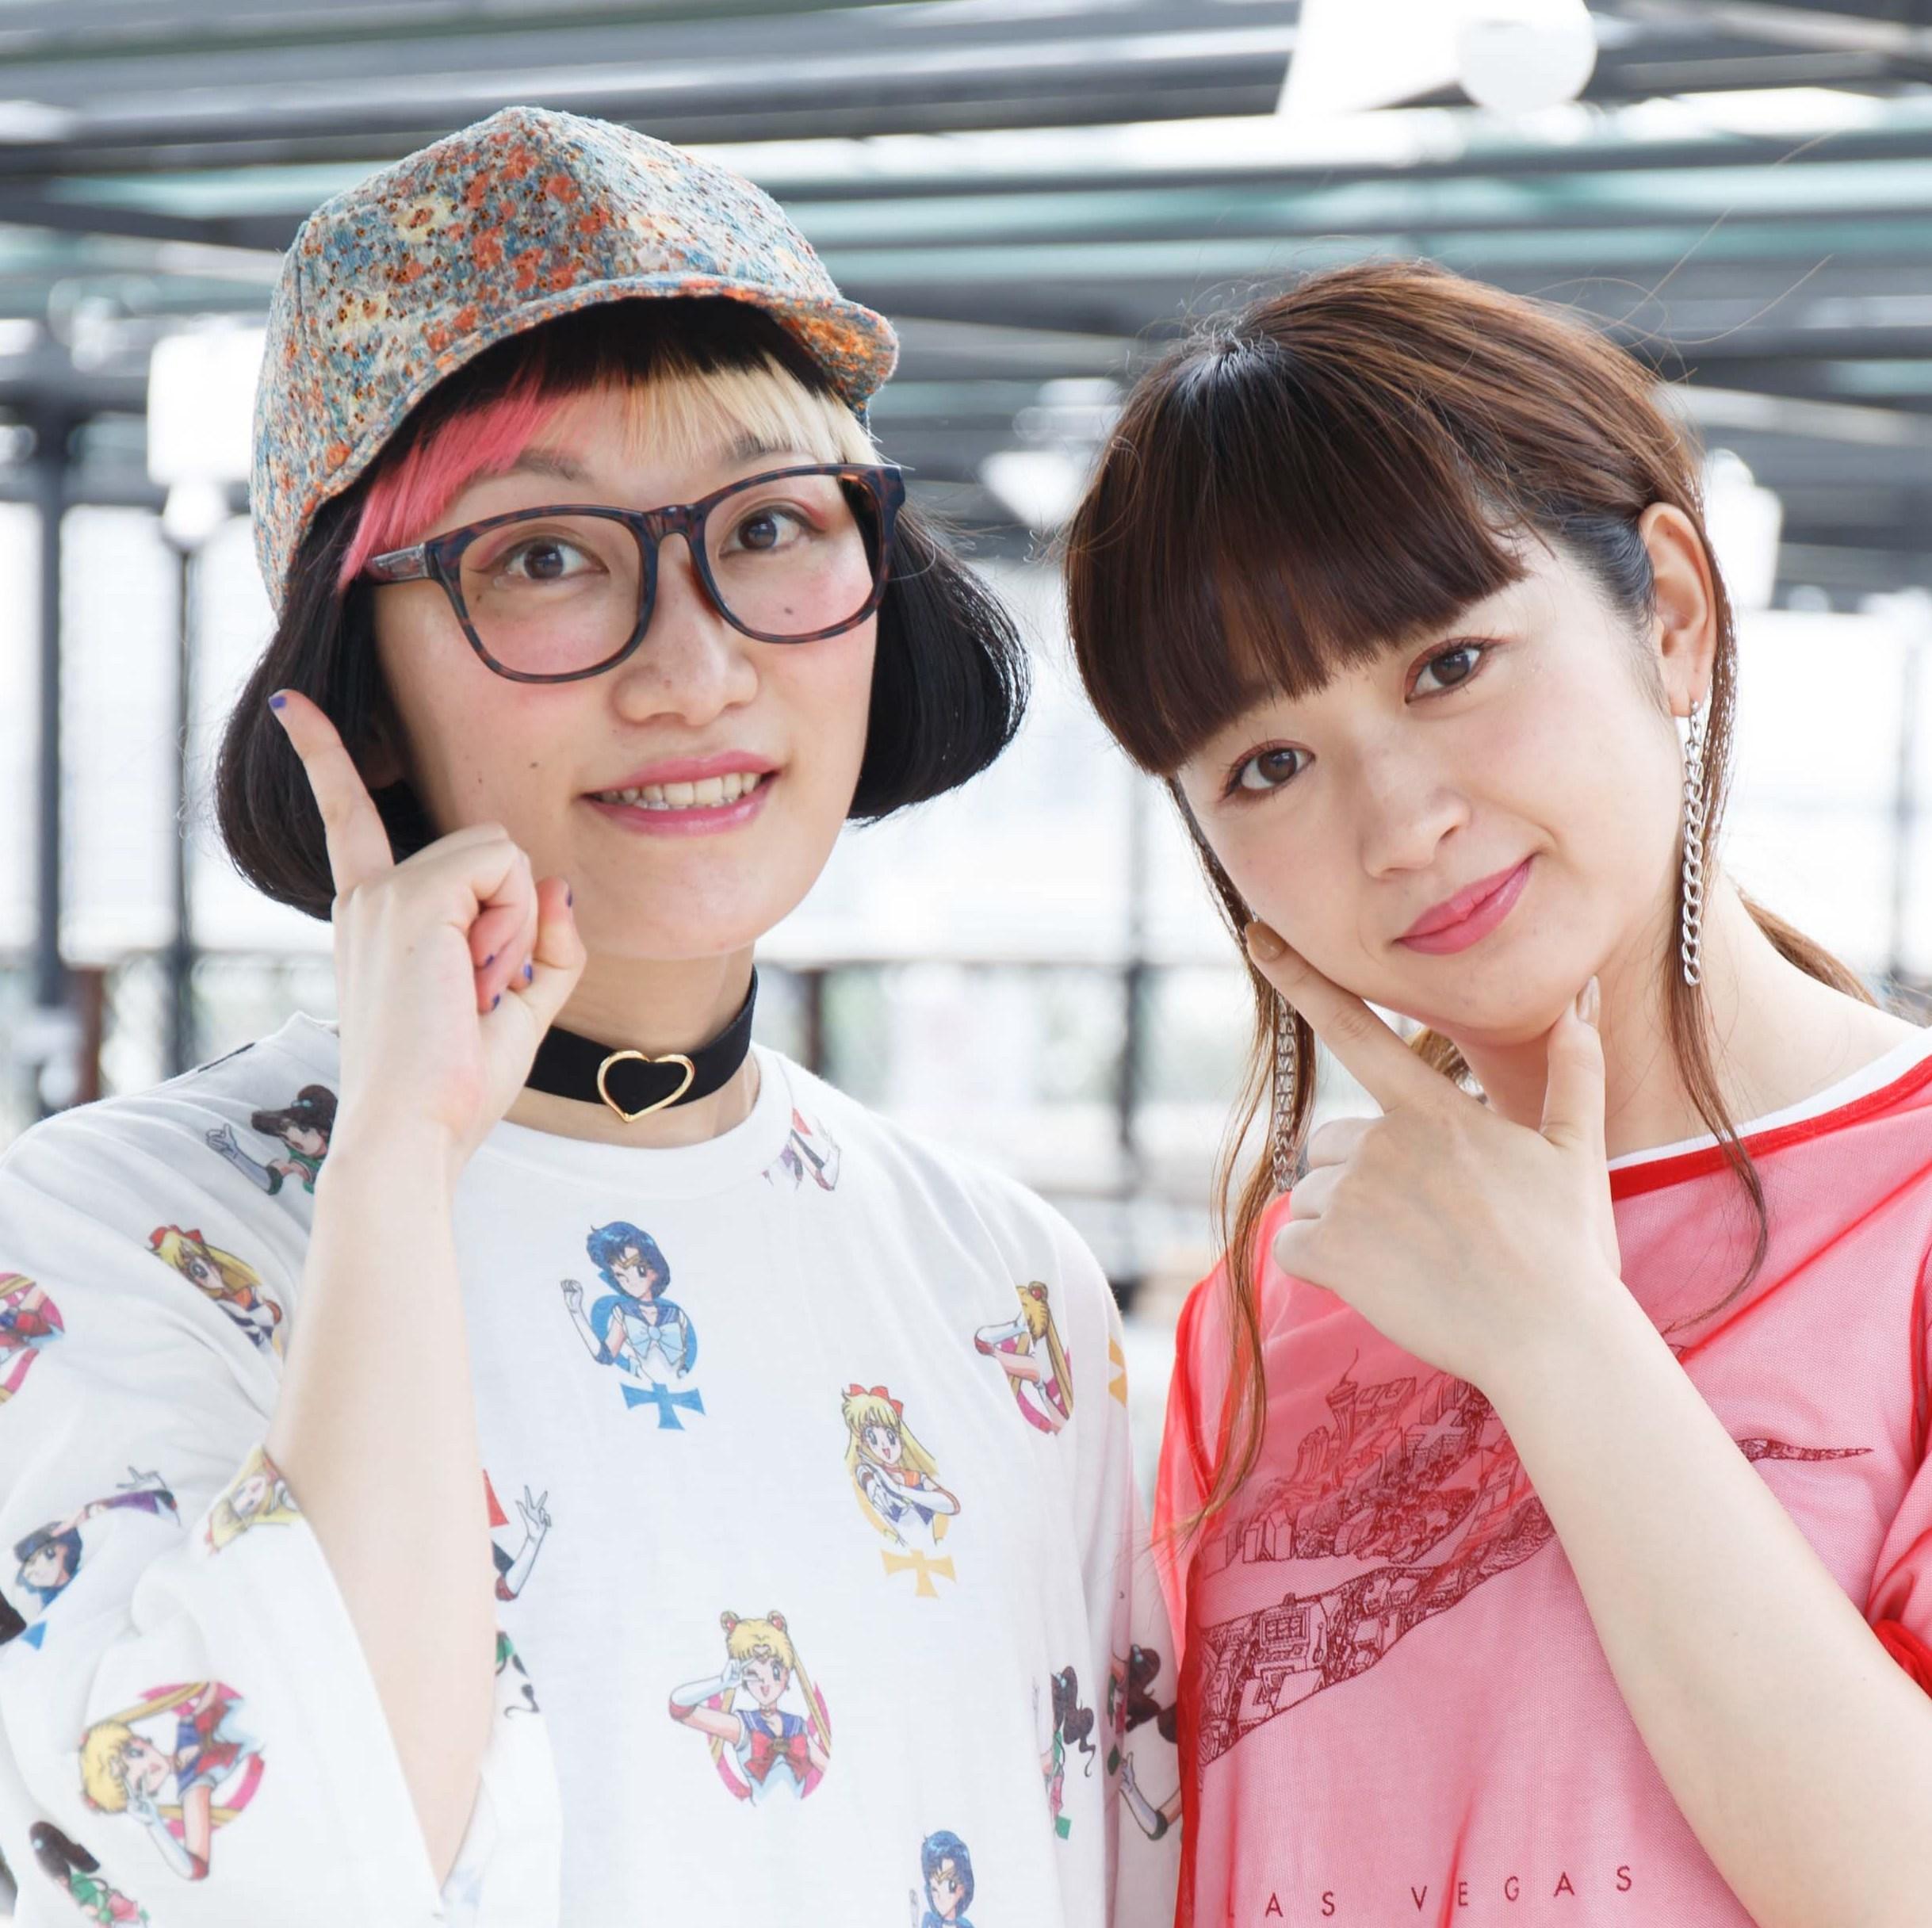 美女がメロメロになる♡ 夏に纏ってほしいモテフレグランス5選!